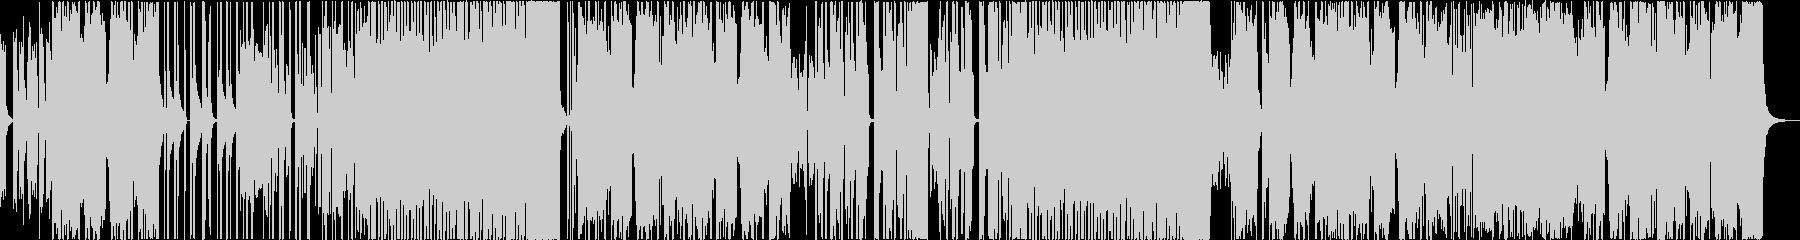 ドープなK-POPダンスビーツの未再生の波形